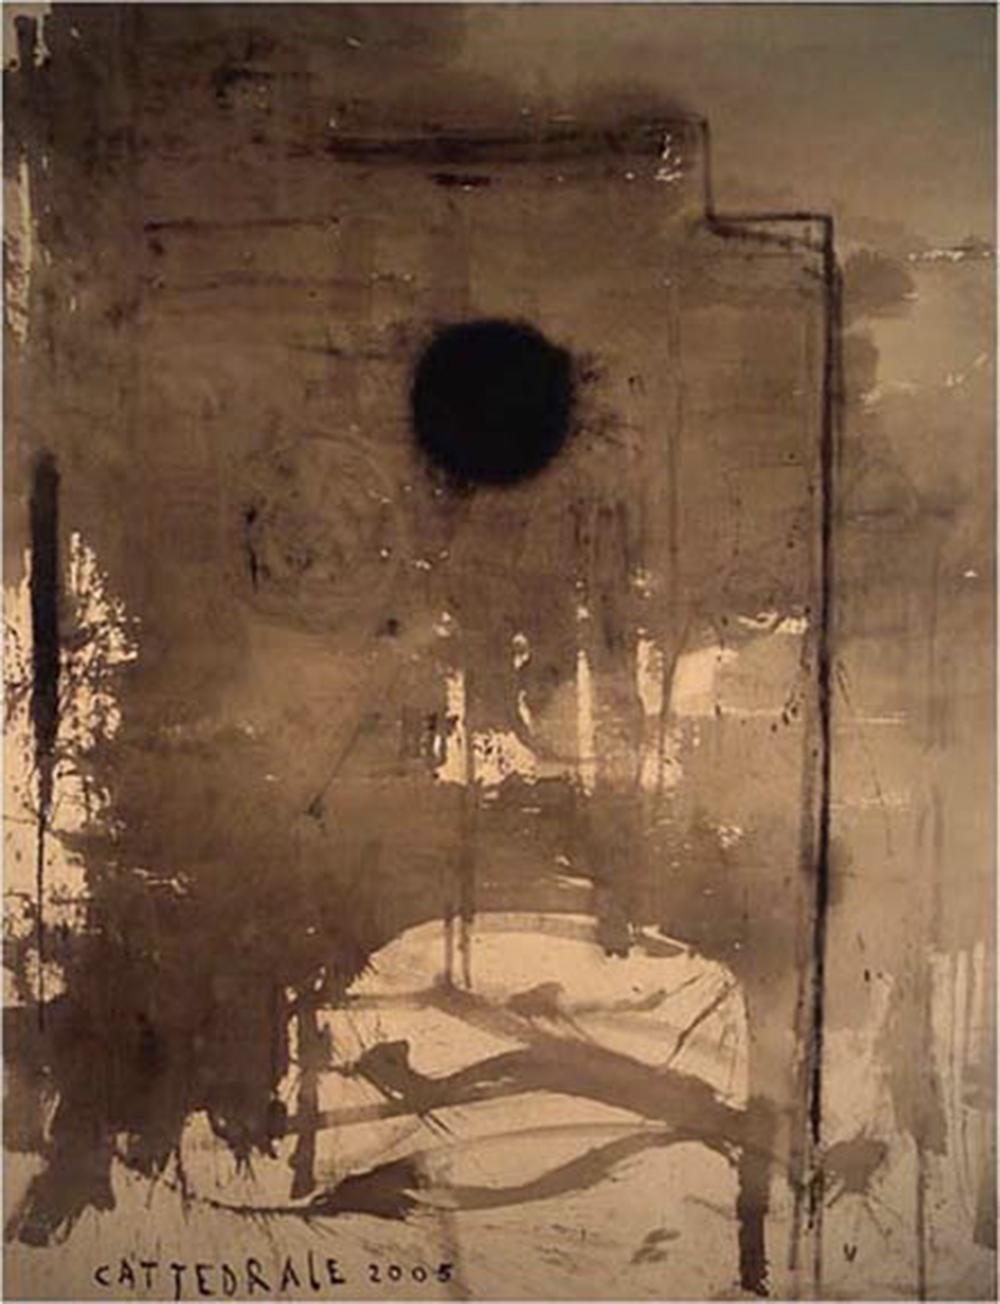 Cattedrale, 2004, olio su tela, cm 395x300 - Collez. Carisbo S. Giorgio in Poggiale, Bologna